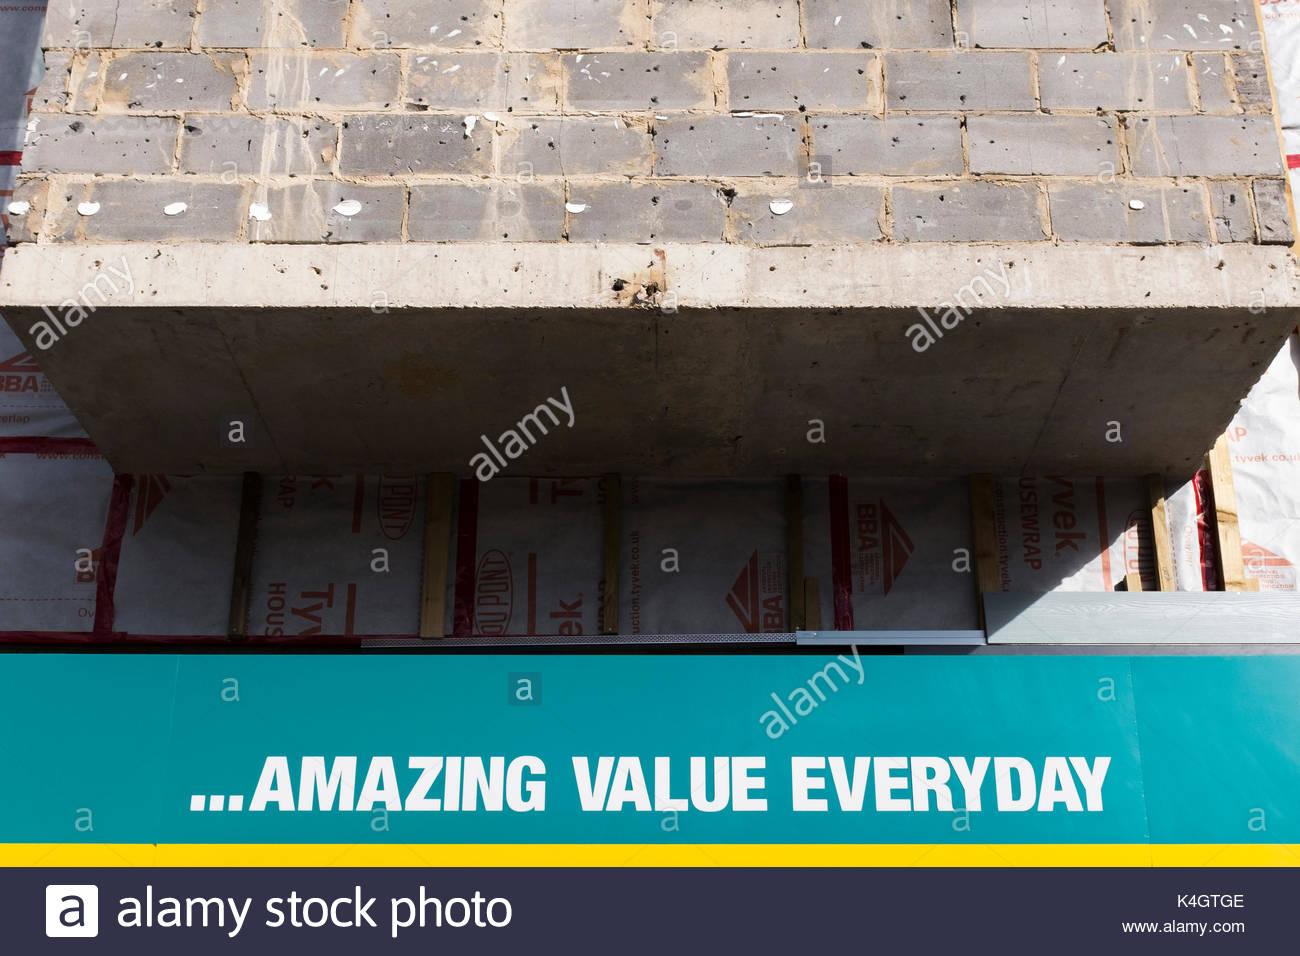 Poundland store, Falkland Square montrant le signe d'un excellent rapport qualité/prix à tous les jours et que le bardage a été retiré, Poole, Dorset, England, UK Photo Stock